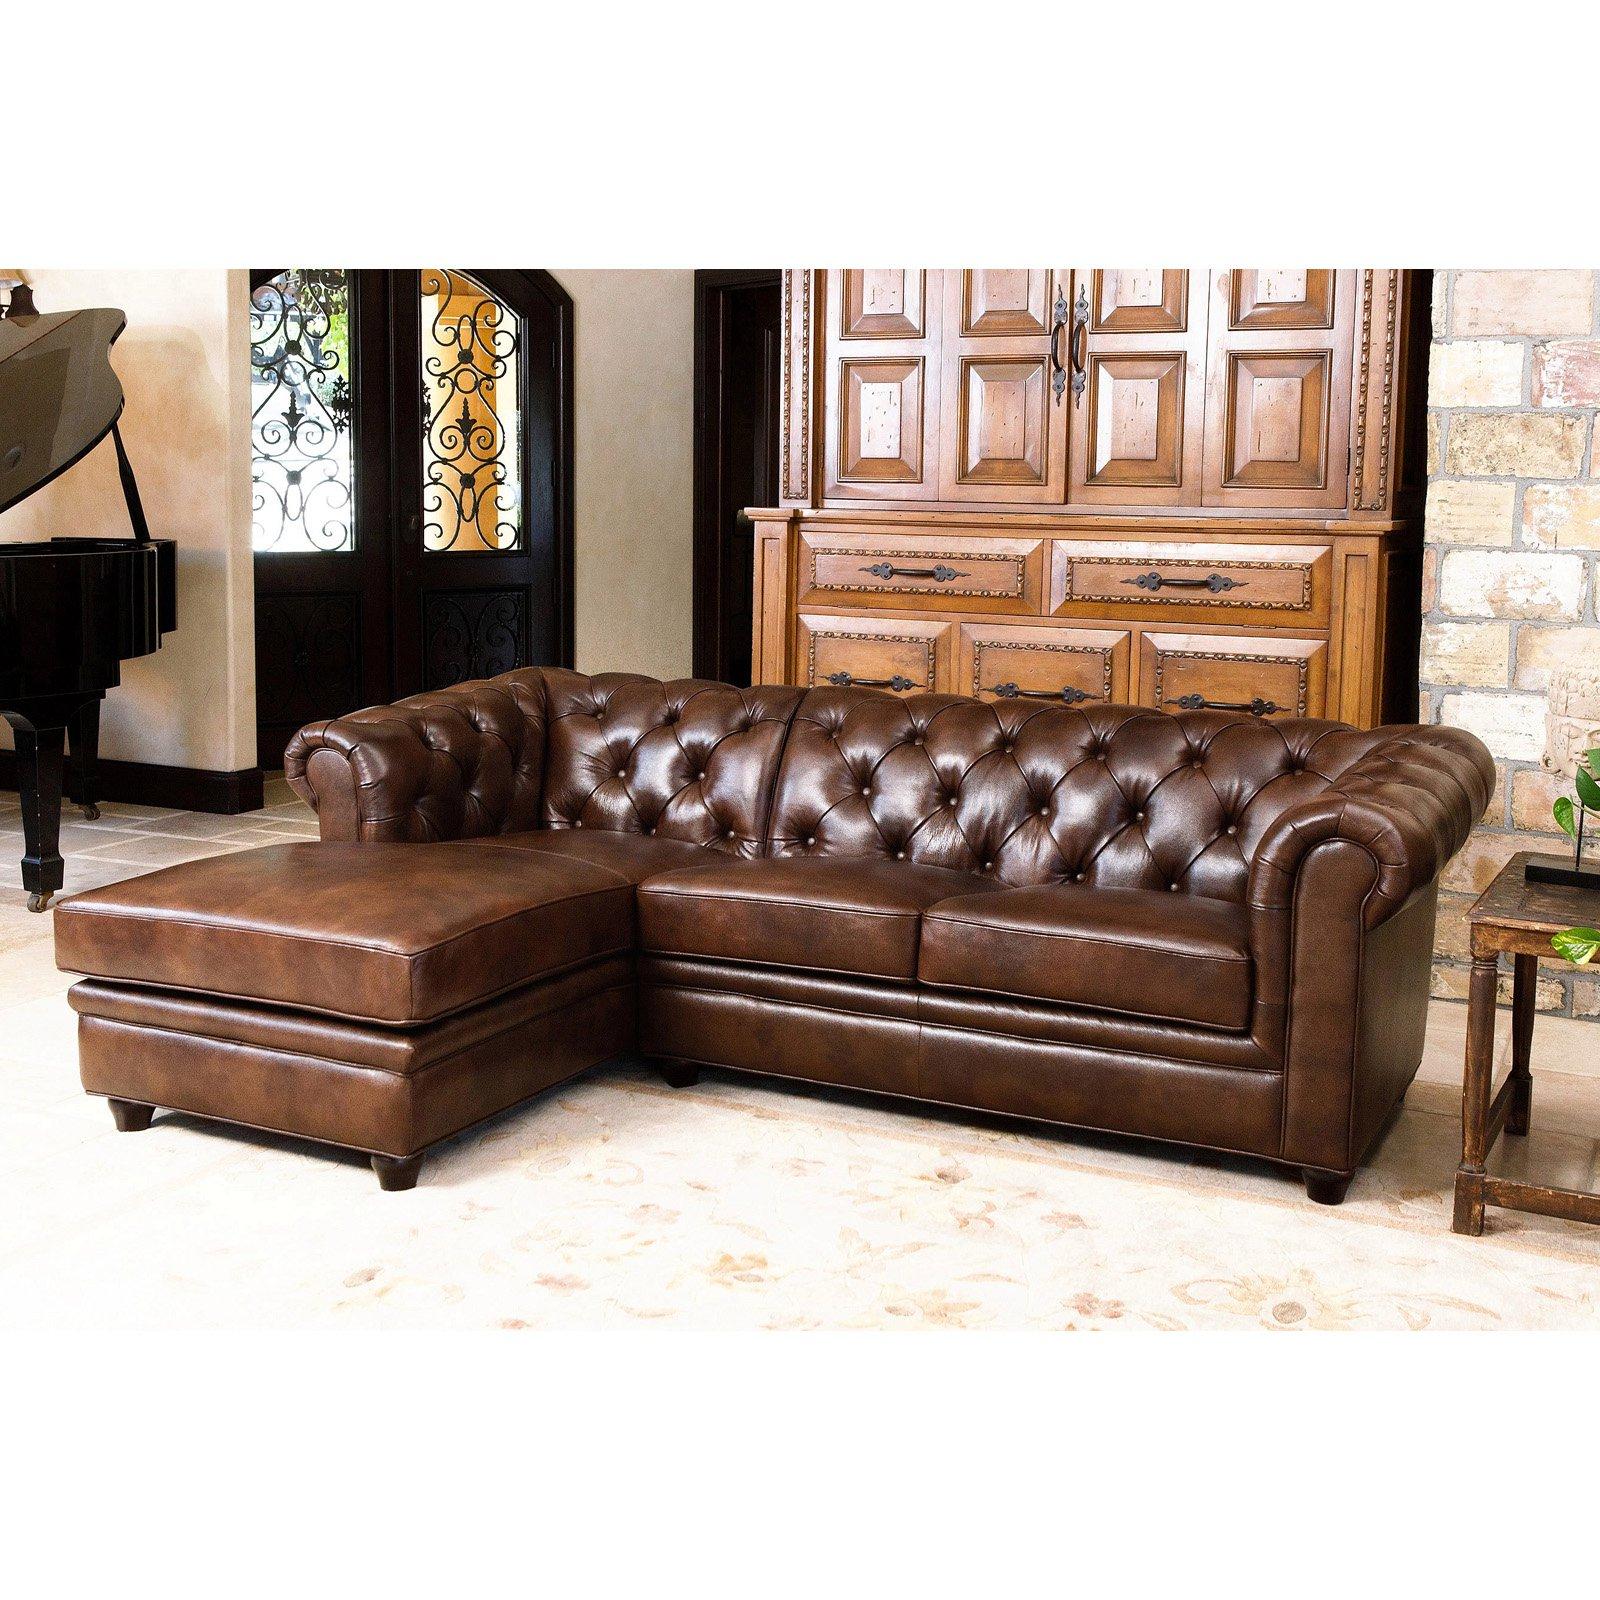 Baci Living Room (View 19 of 20)